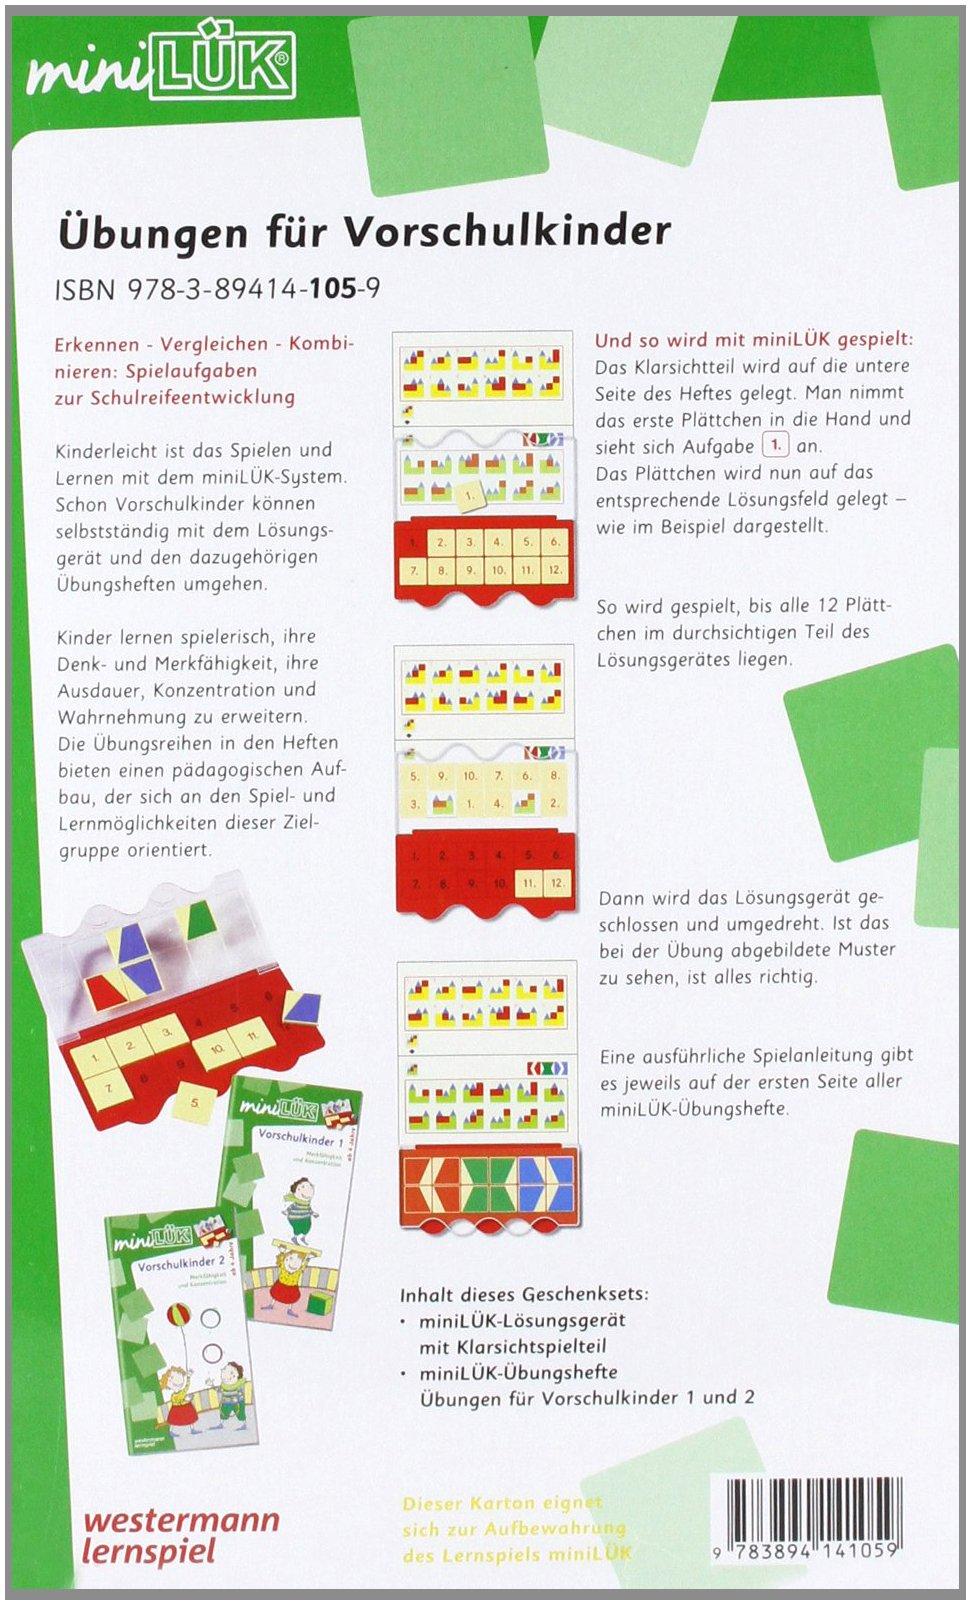 miniLK-Sets-Kasten-bungshefte-miniLK-Set-KindergartenVorschule-bungen-fr-Vorschulkinder